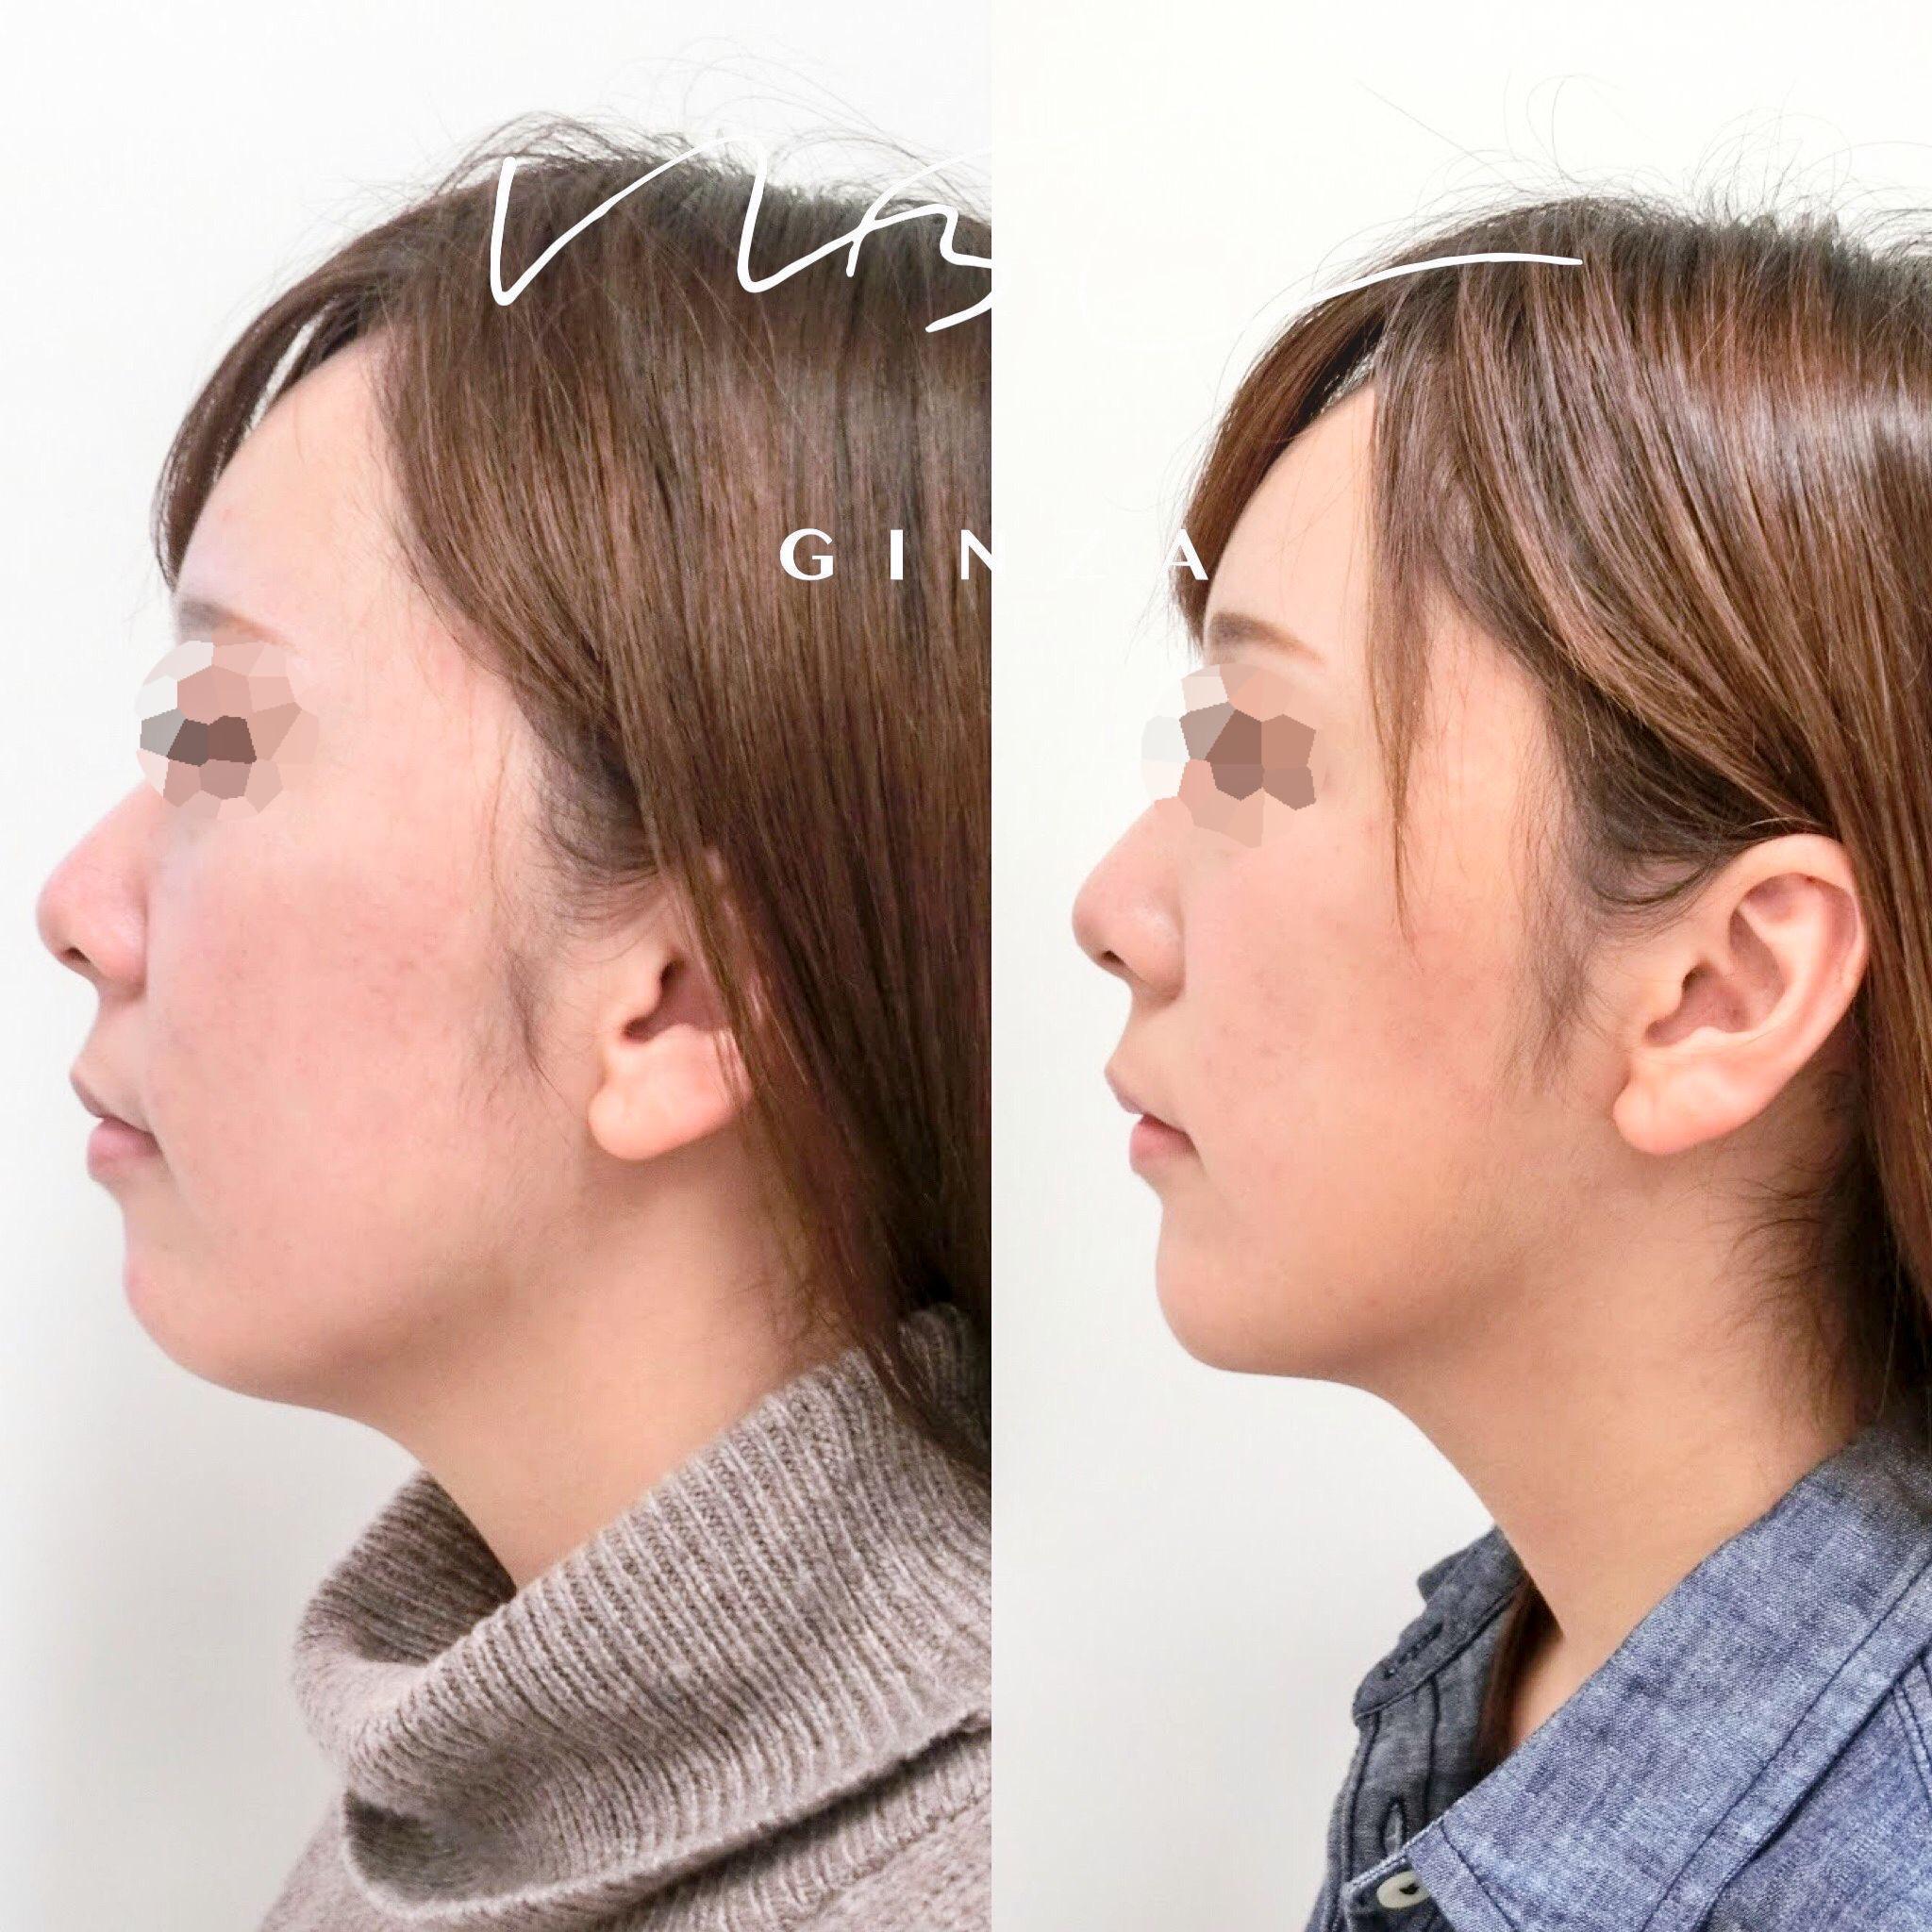 顎のヒアルロン酸注入の症例